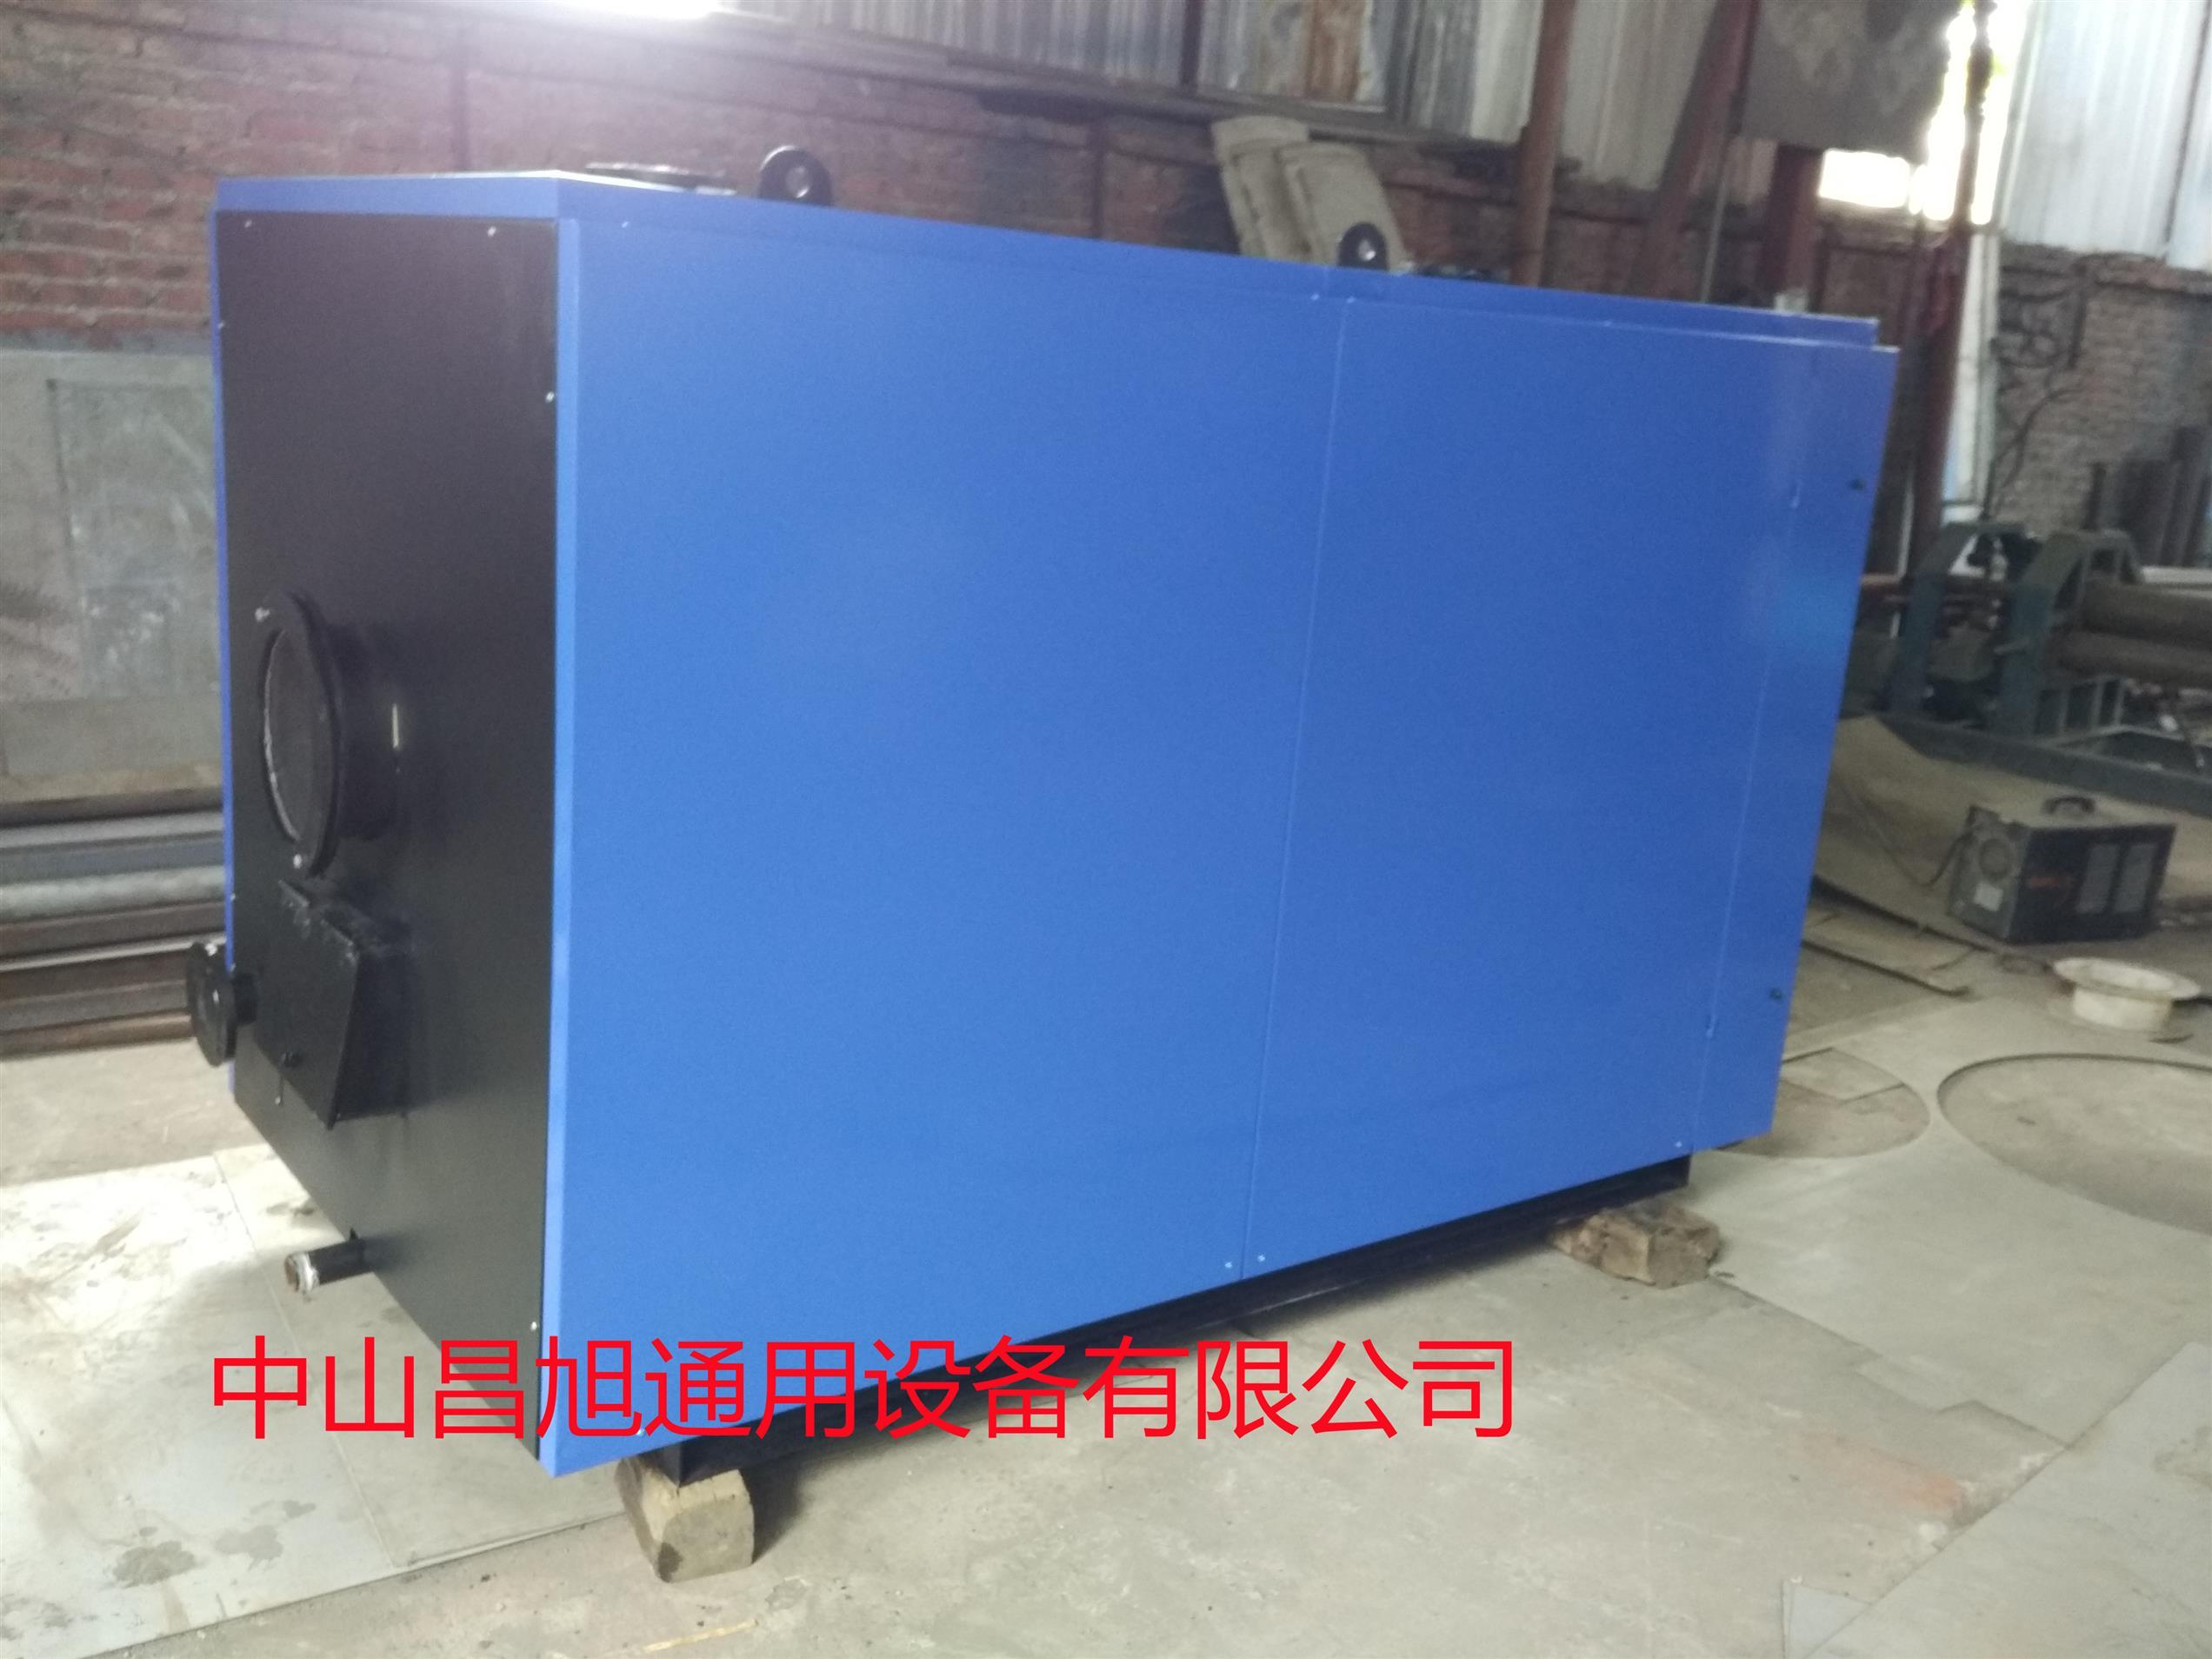 廣西燃氣熱水鍋爐批發 熱水器 品質保障